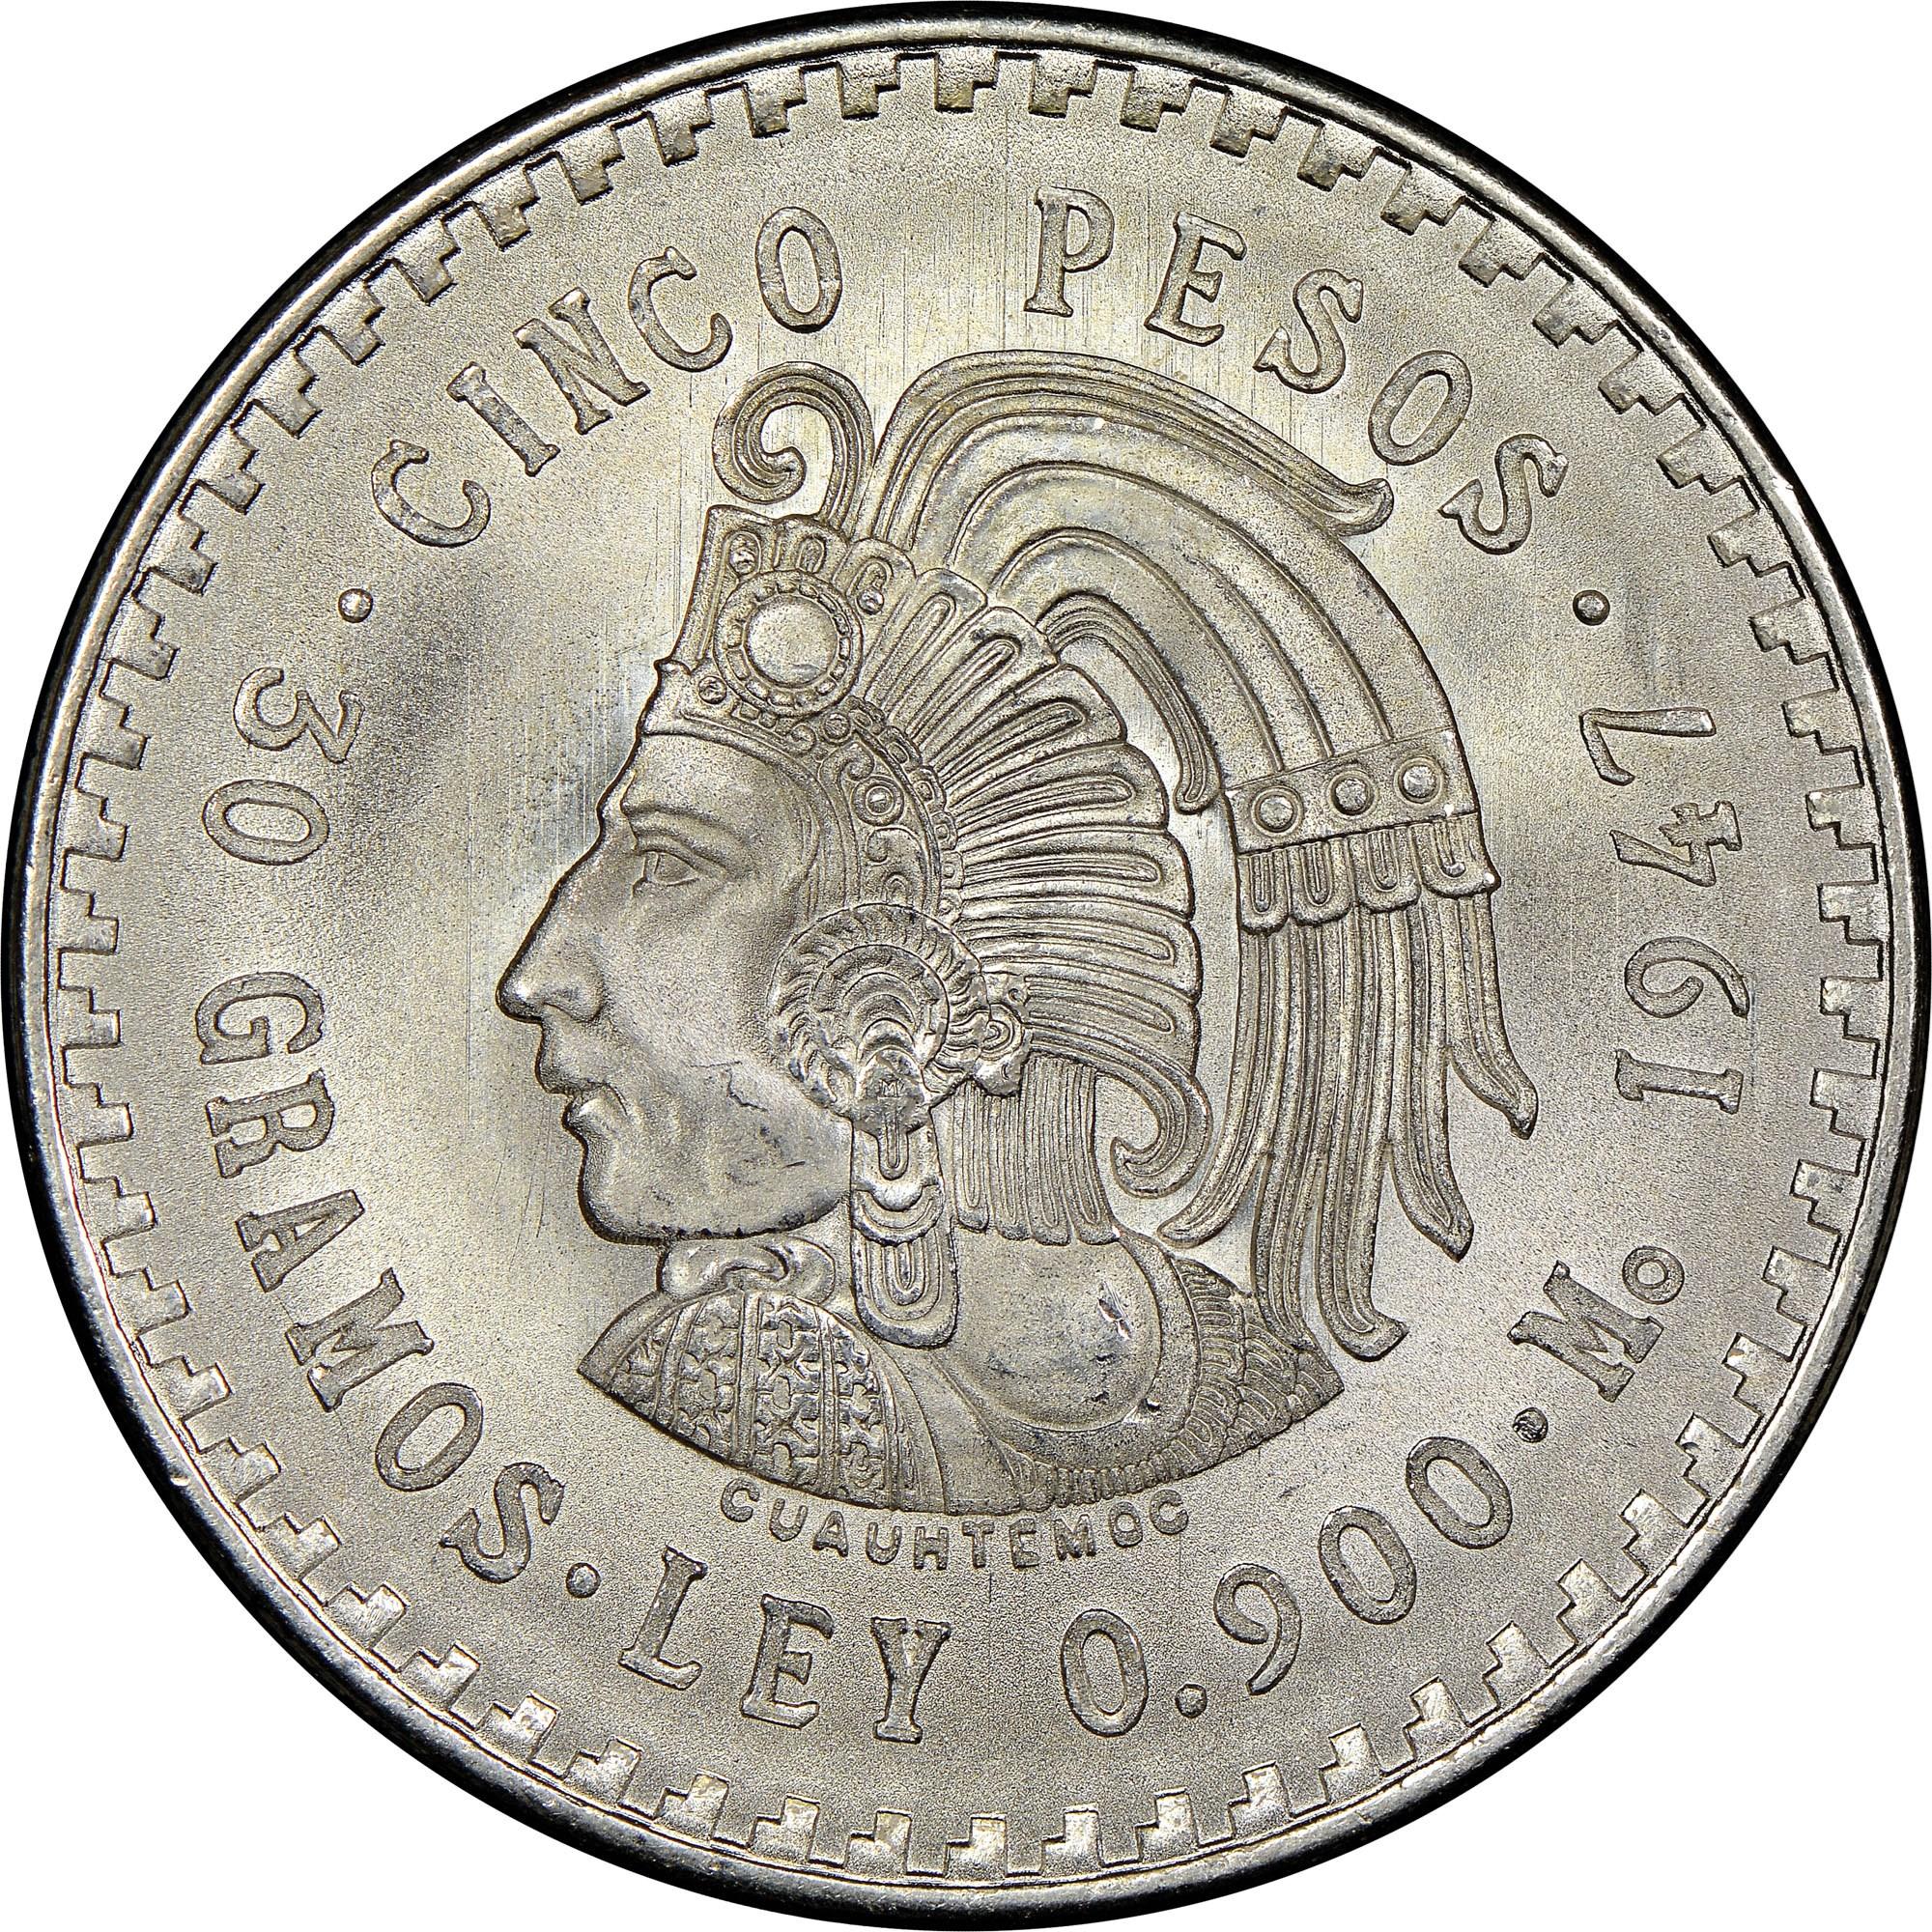 Mexico ESTADOS UNIDOS MEXICANOS 5 Pesos KM 465 Prices